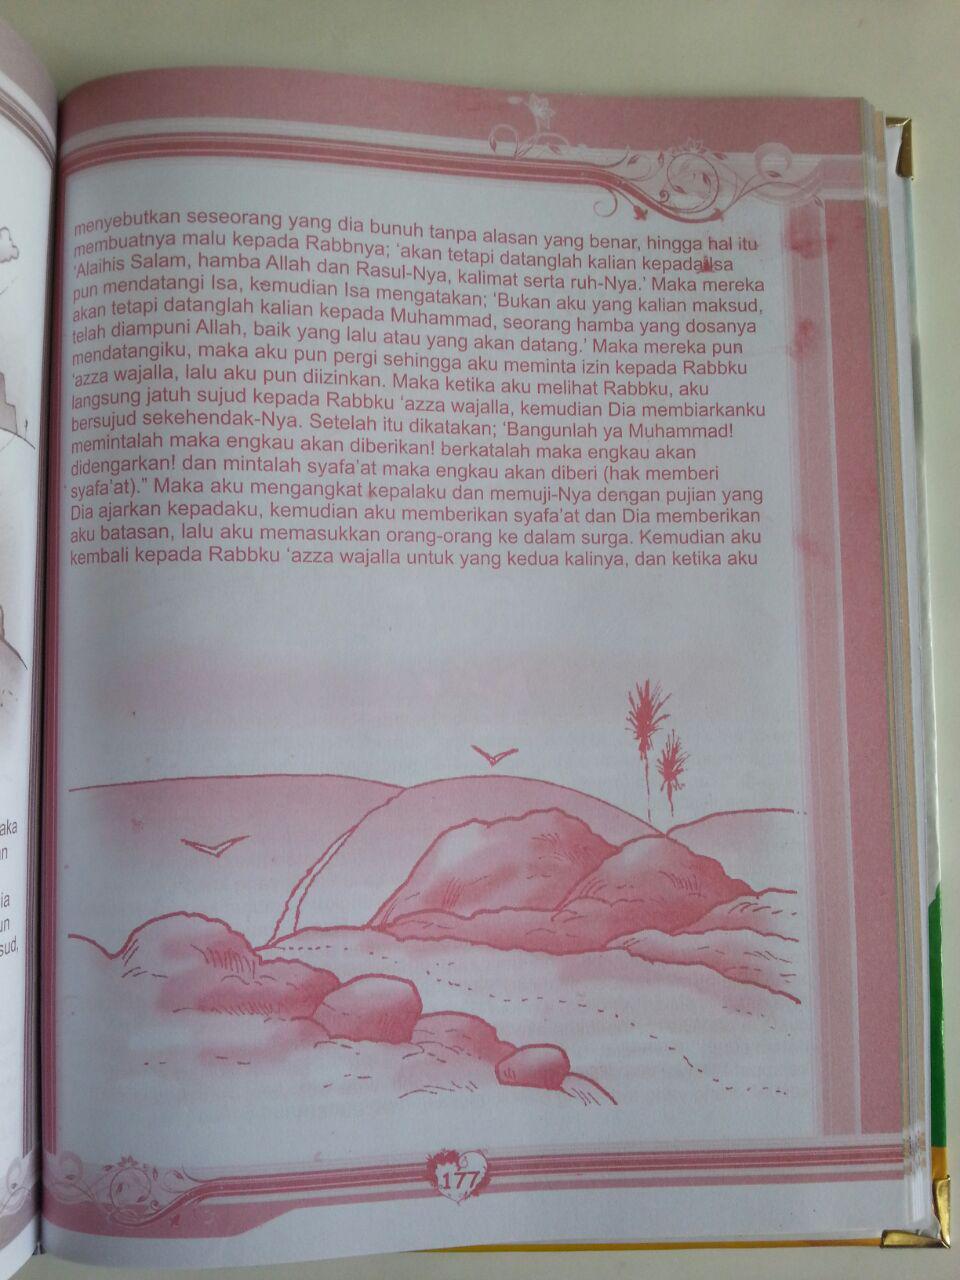 Buku Kumpulan Kisah Dalam Shohih Bukhori isi